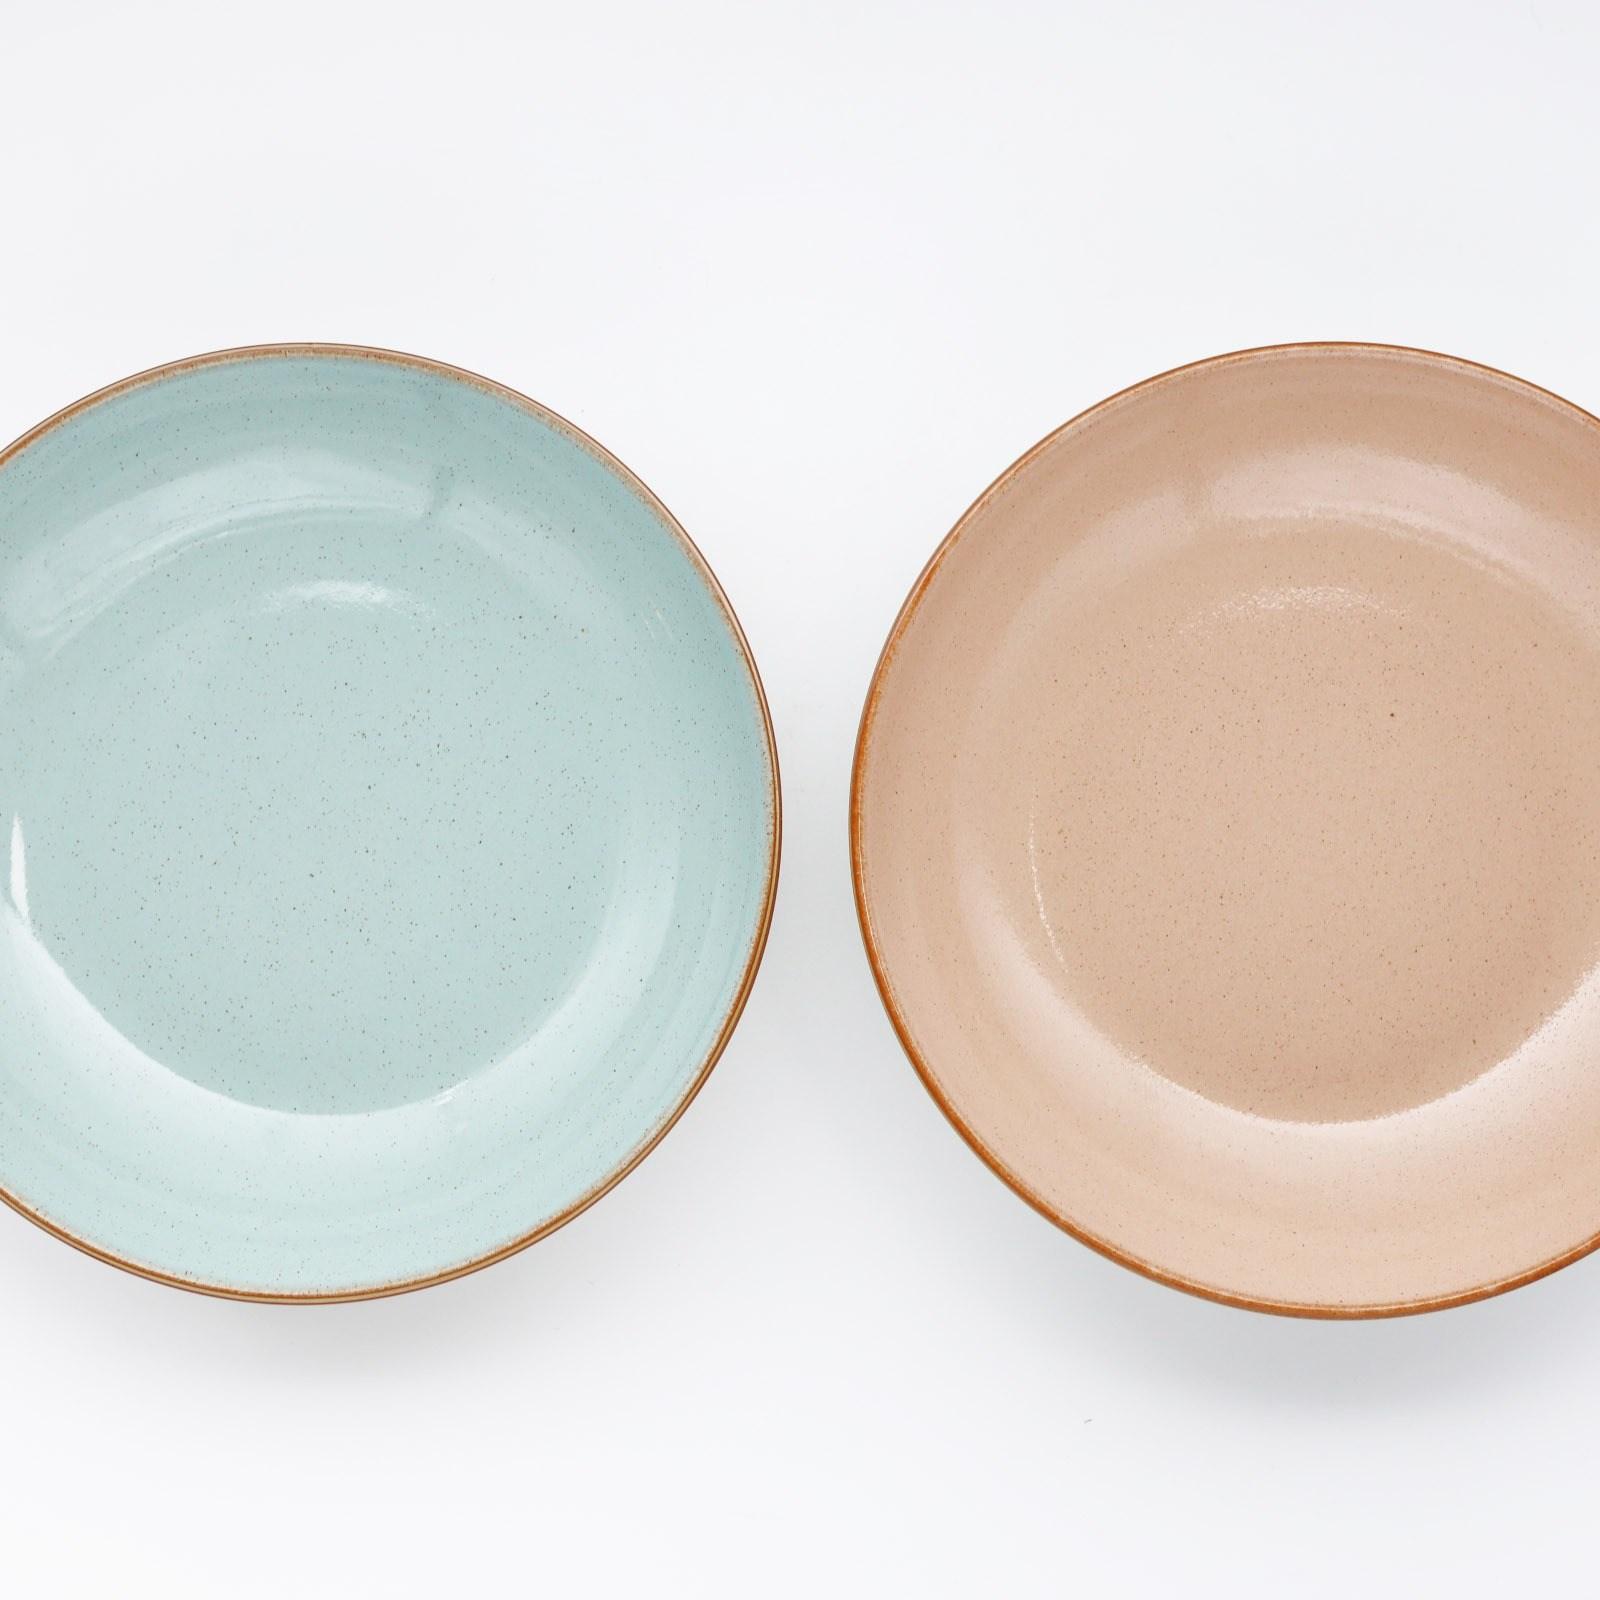 영국 덴비 DENBY New 명품 그릇 파스타볼 2P 오차드 & 파빌리온 피아자 시리얼볼, 1세트, 피아자 & 파빌리온